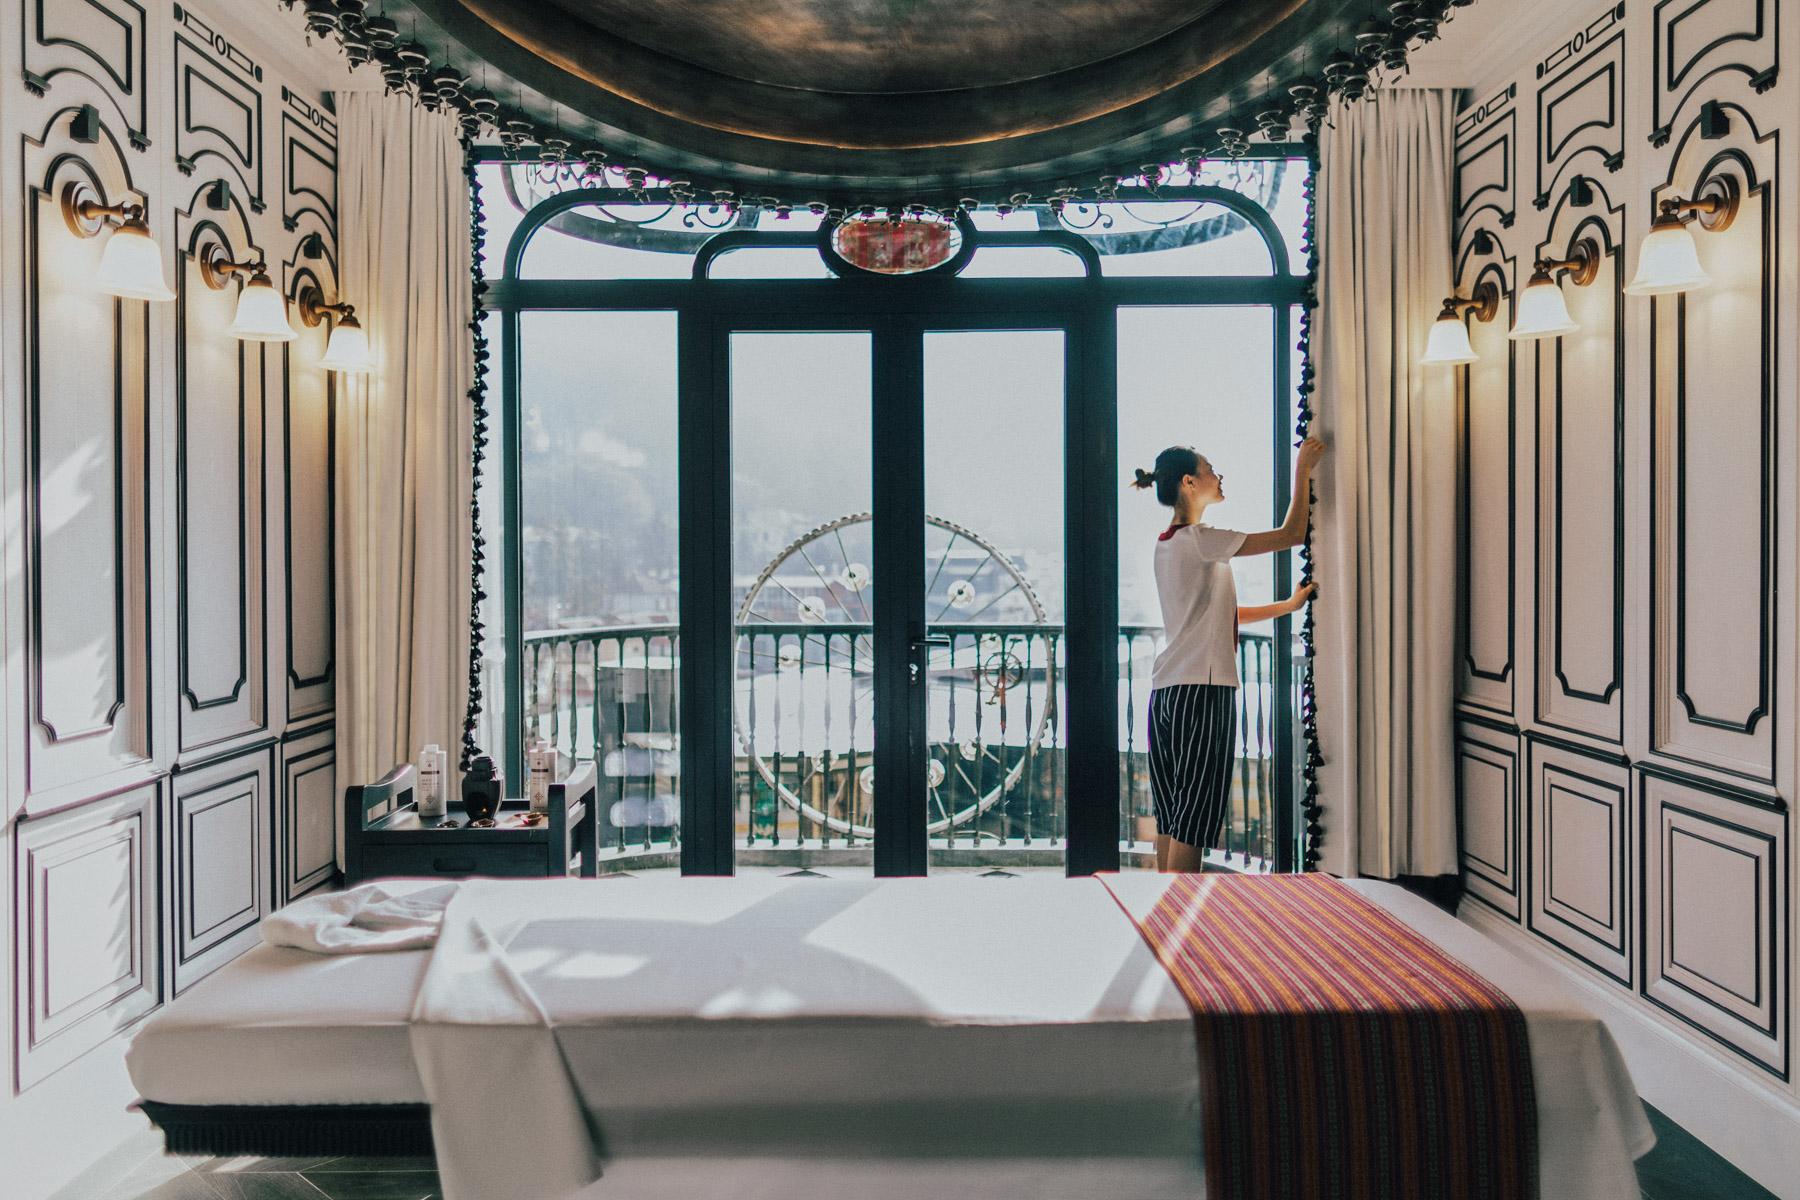 The spa at the Hotel de la Coupole in Sapa, Vietnam.